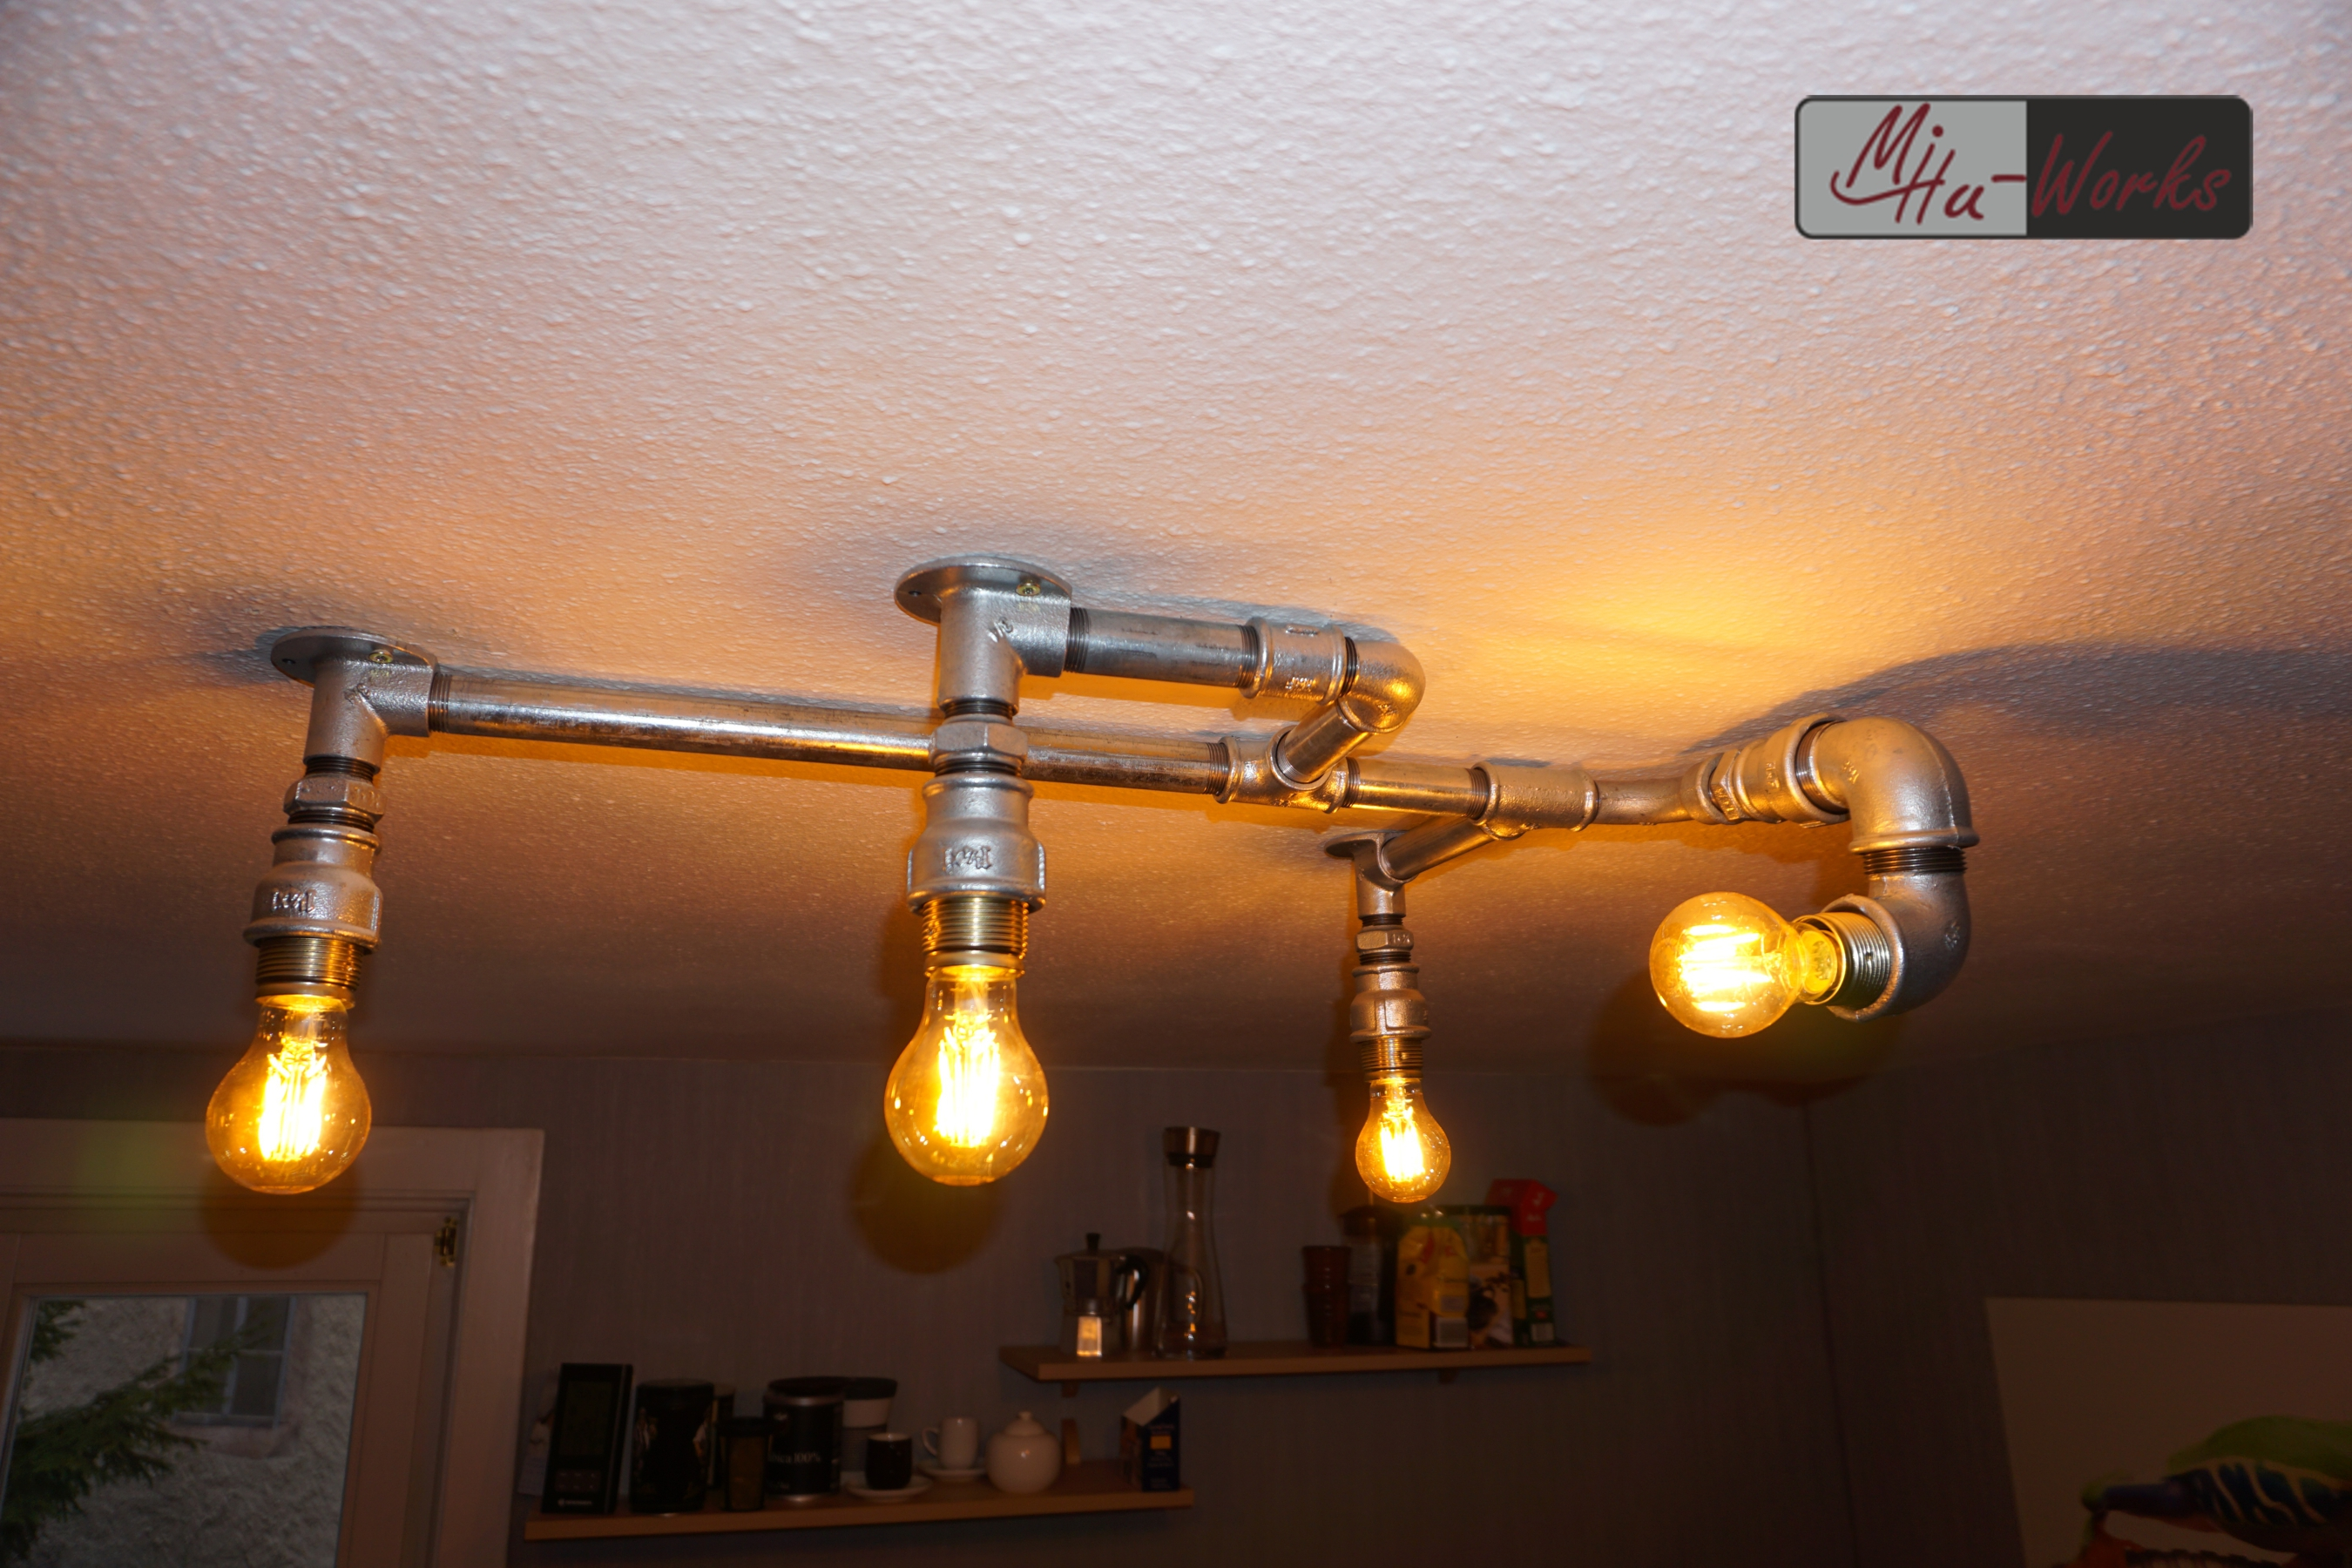 Design Deckenlampe Aus Rohren Industrial Design Lighting Mihu Works